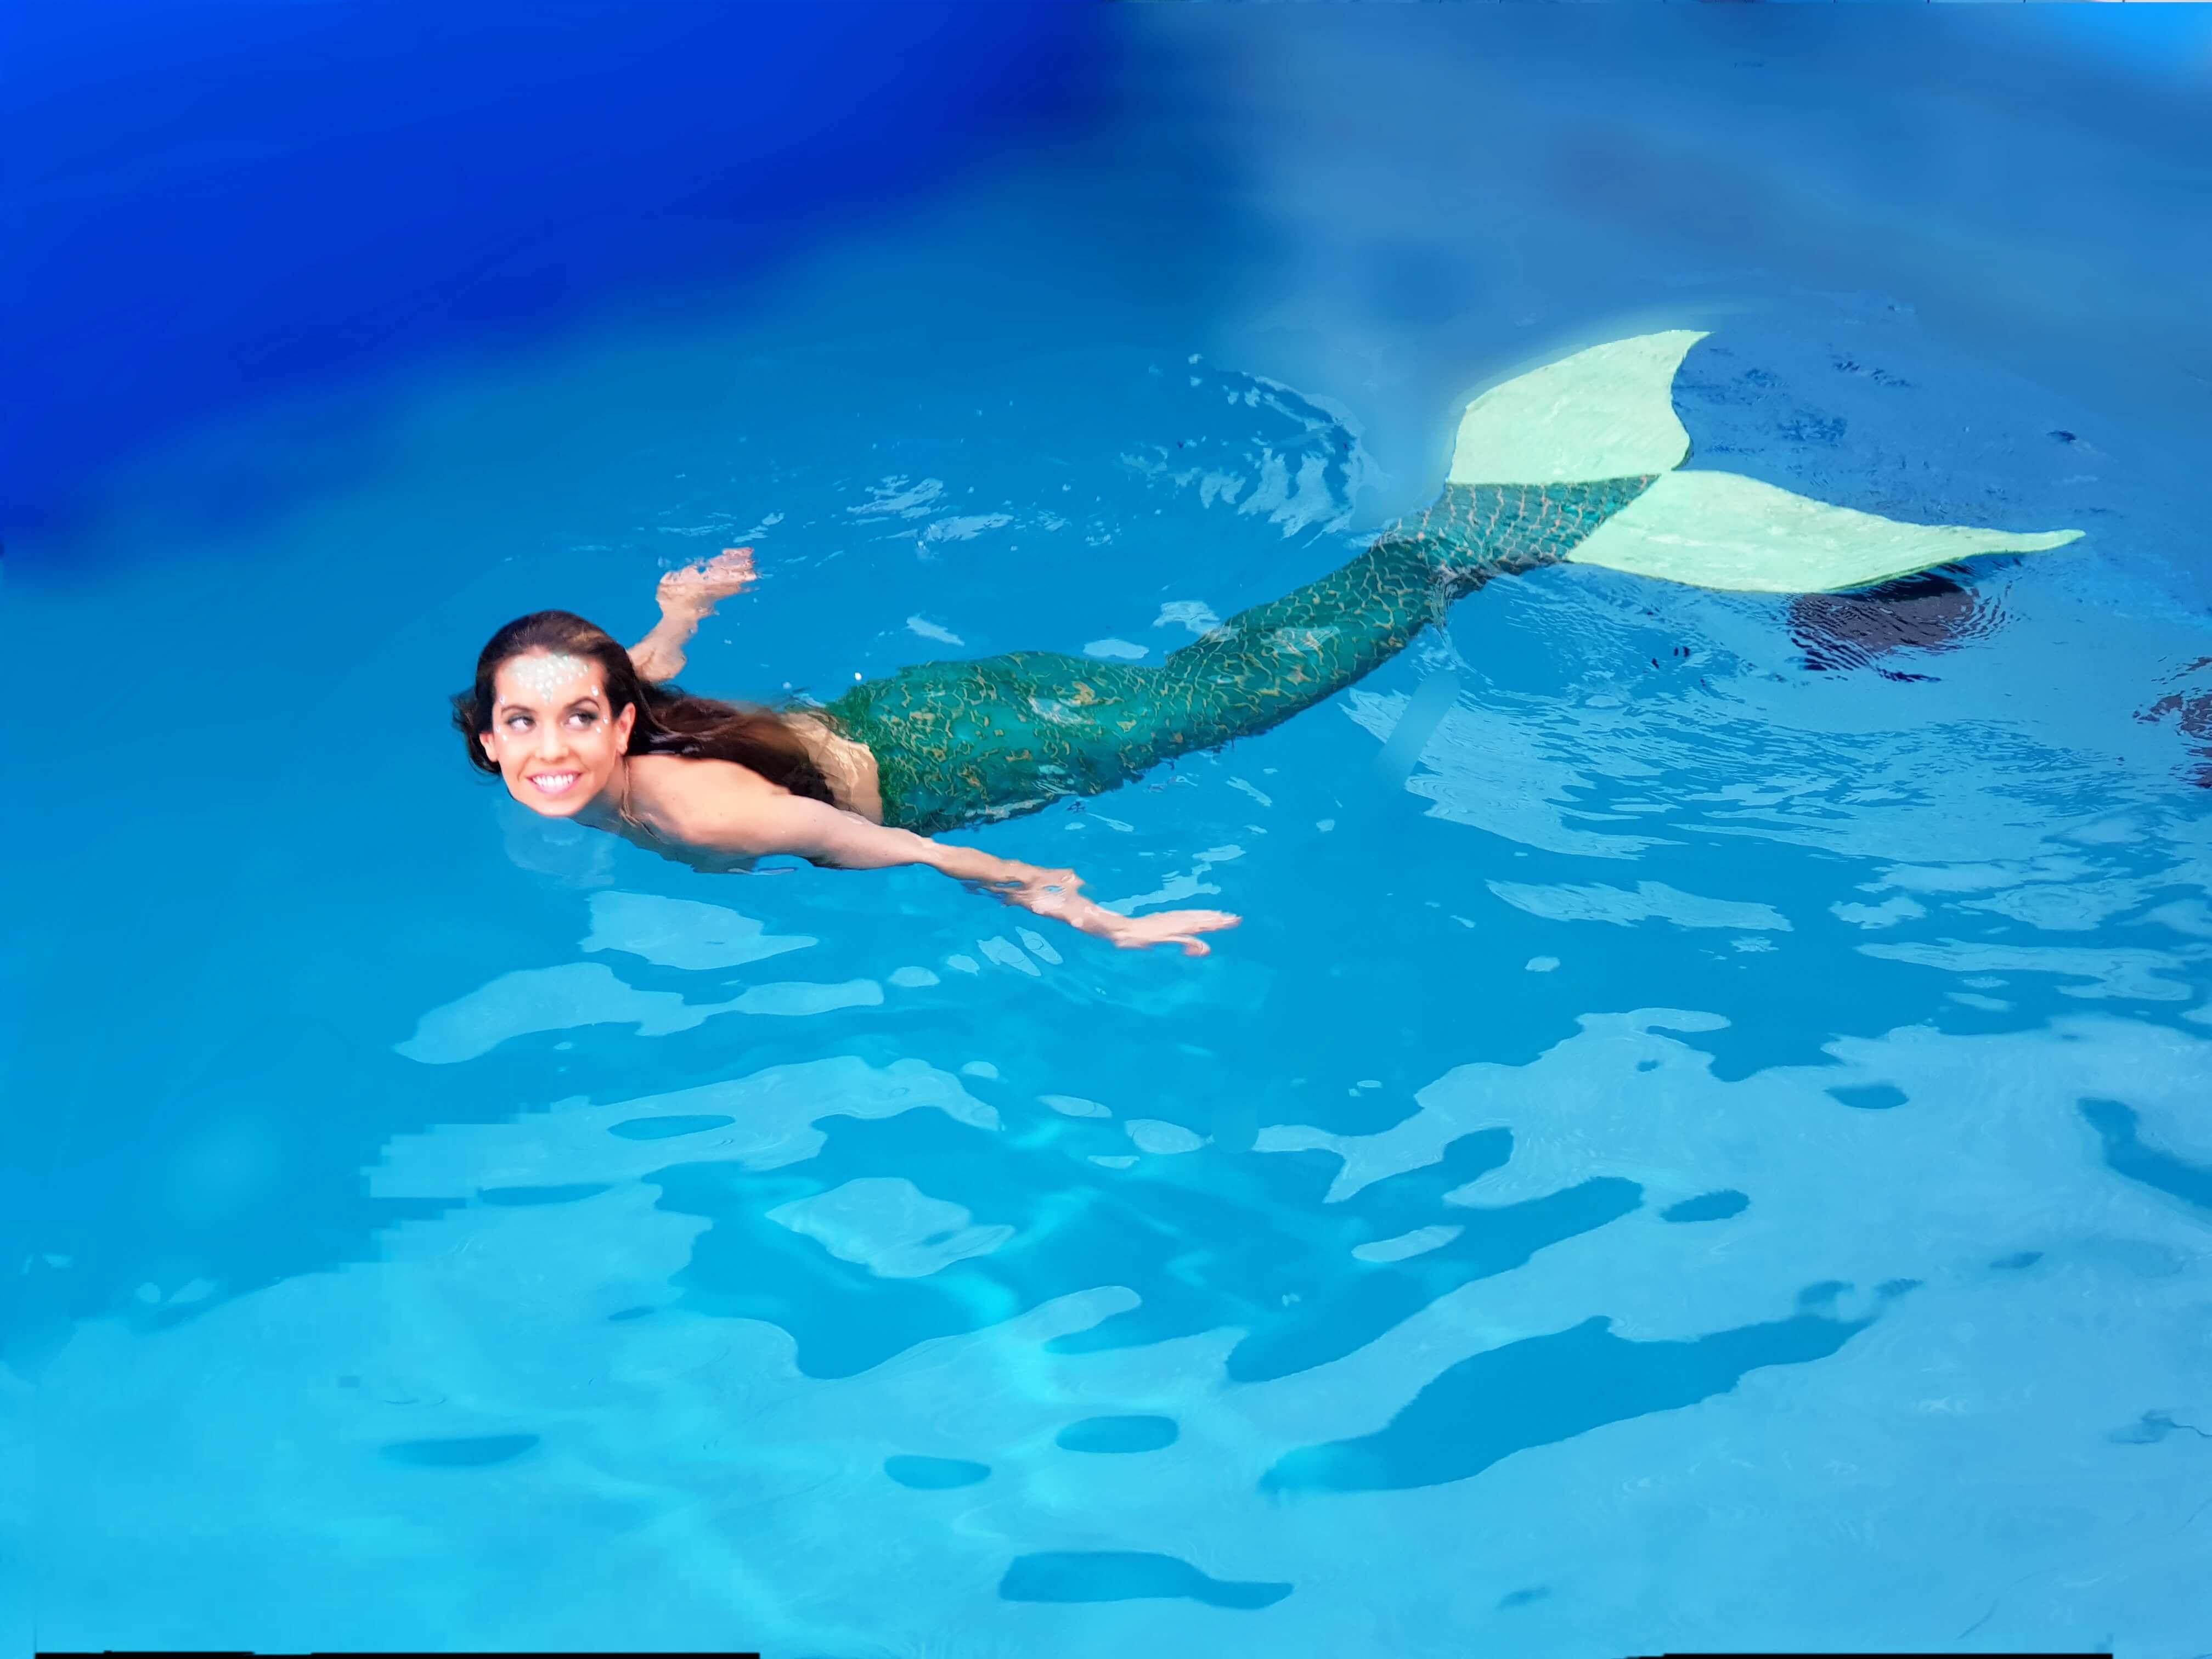 Ona Carbonell nada con cola de sirena academy